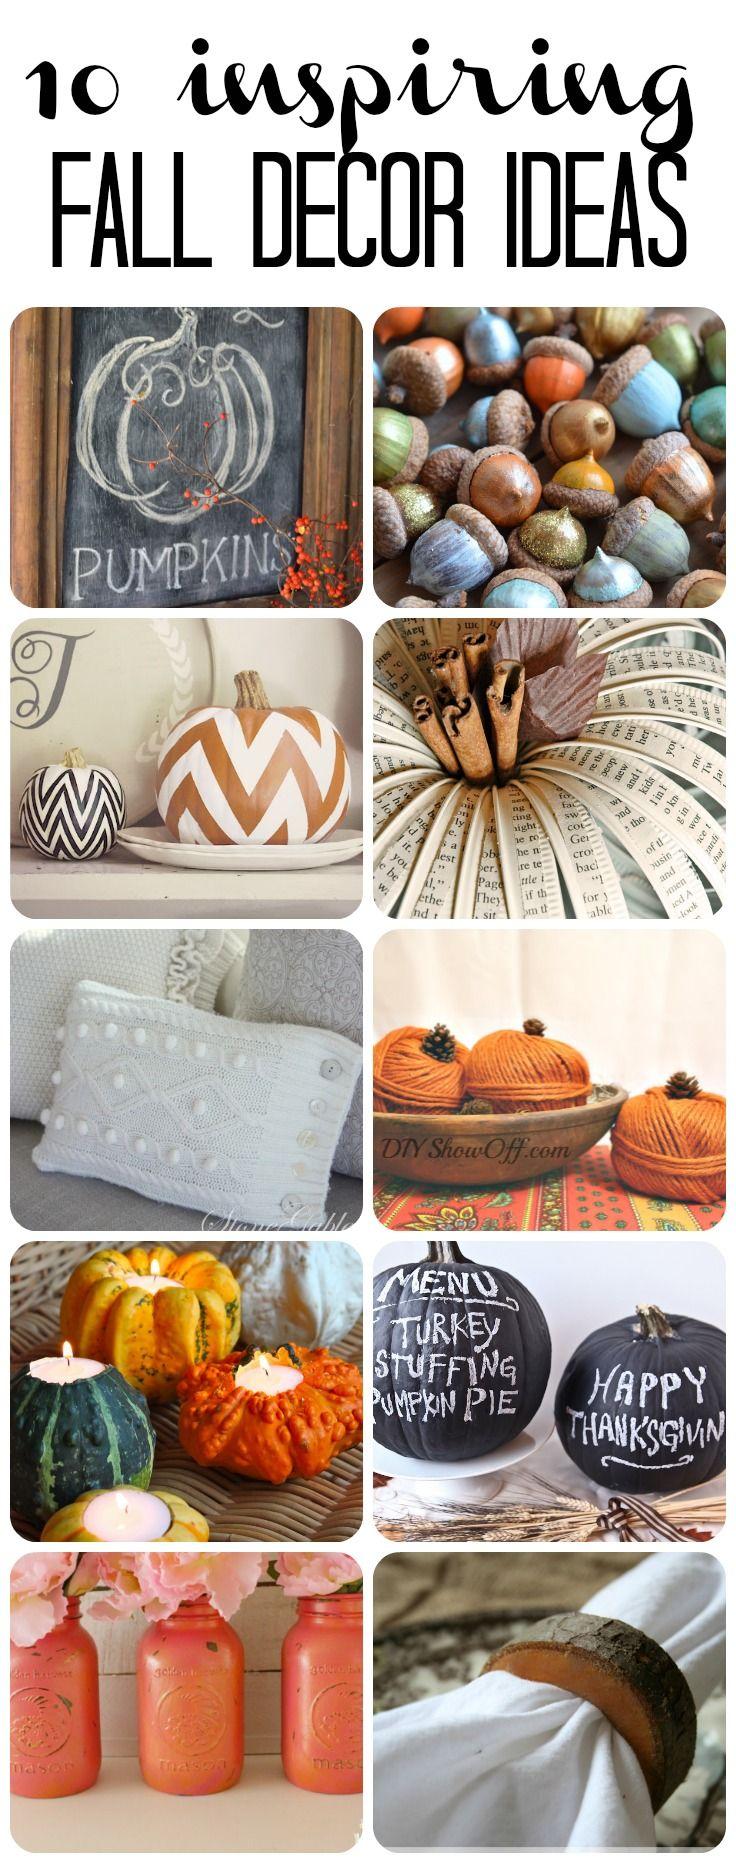 10 Inspiring DIY Fall Decor Ideas!  #falldecor